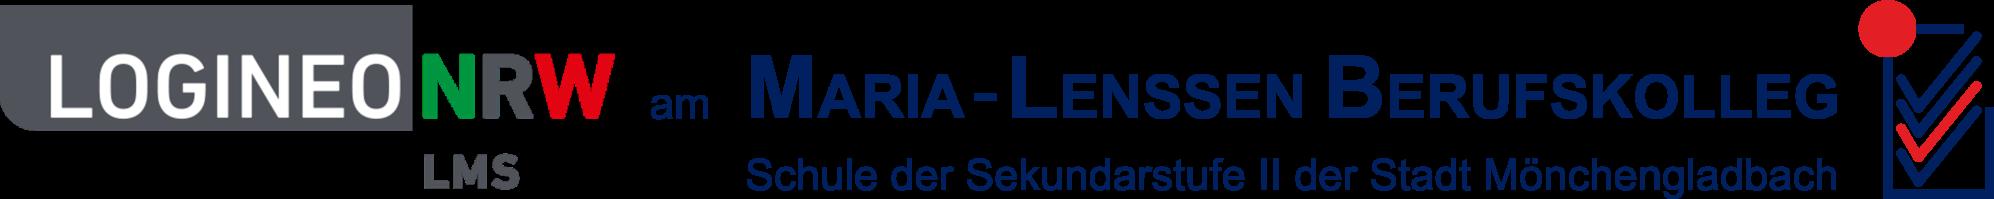 LOGINEO LMS am Maria-Lenssen Berufskolleg, Mönchengladbach